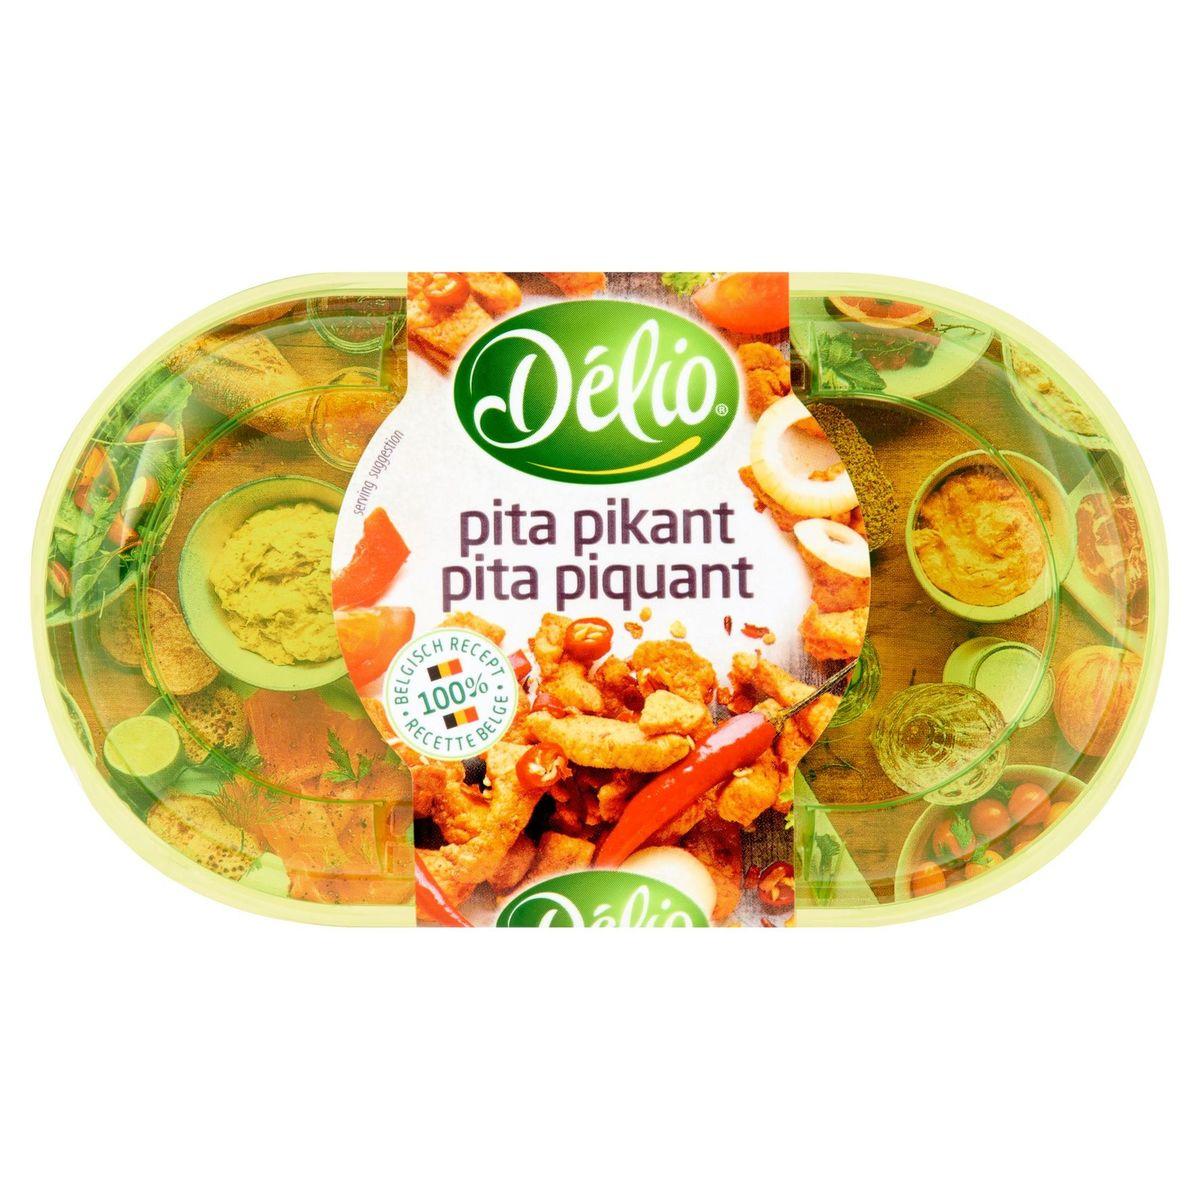 Délio Pita Piquant 200 g